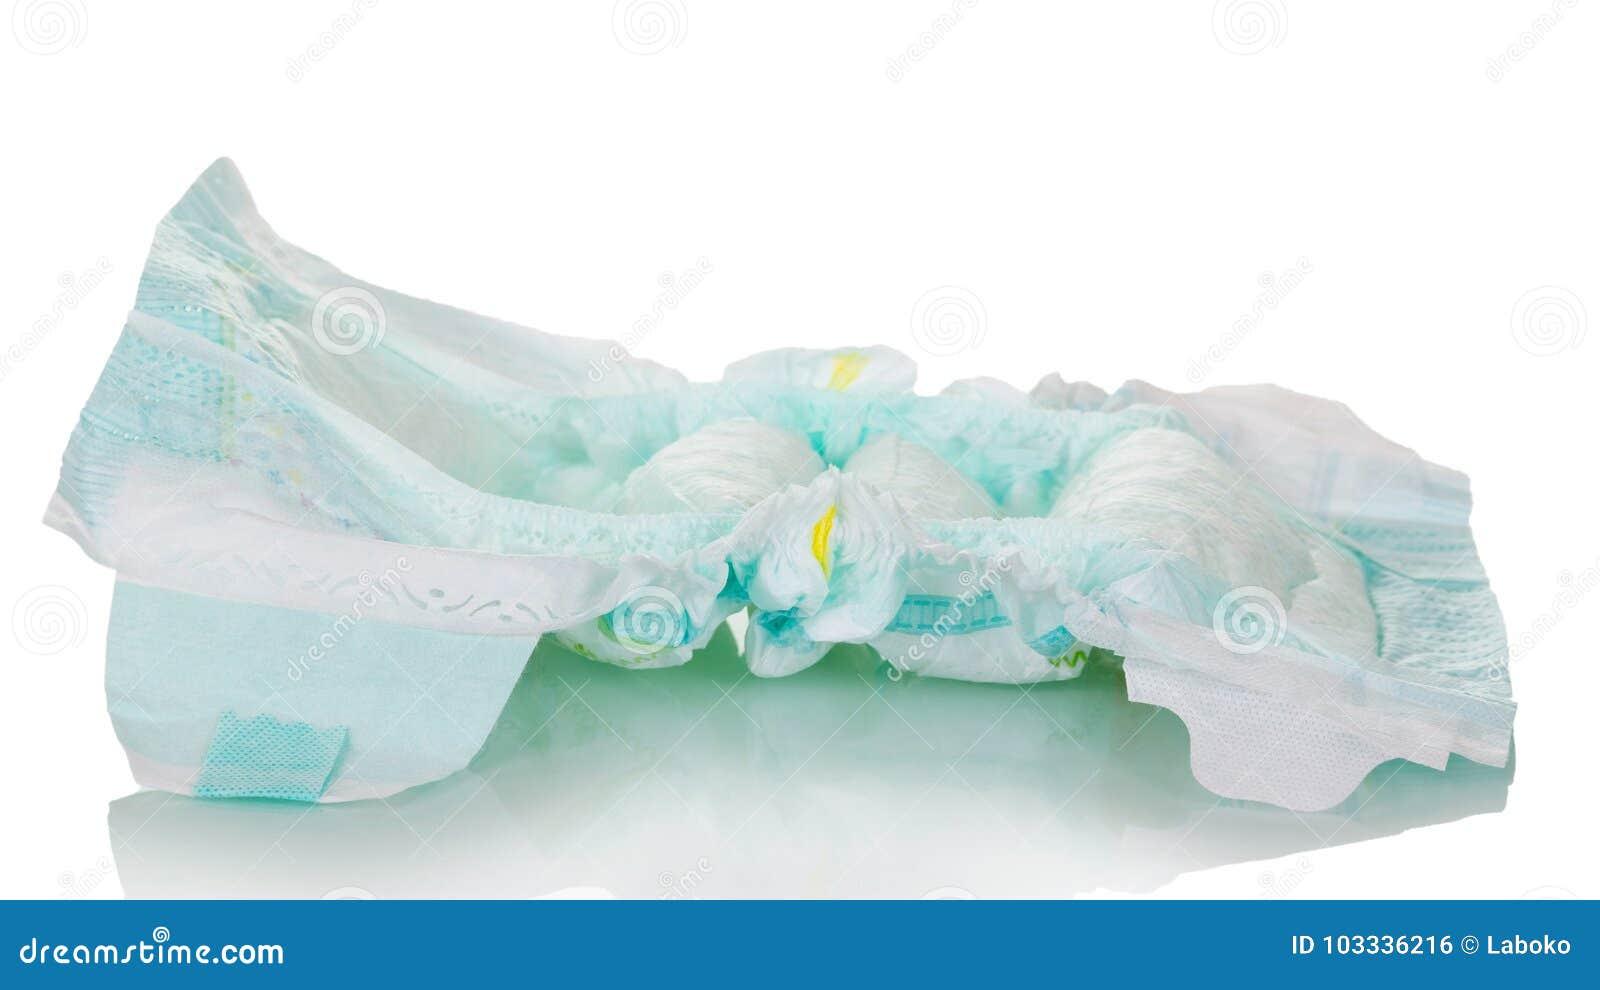 使用的一次性尿布在白色背景被隔绝